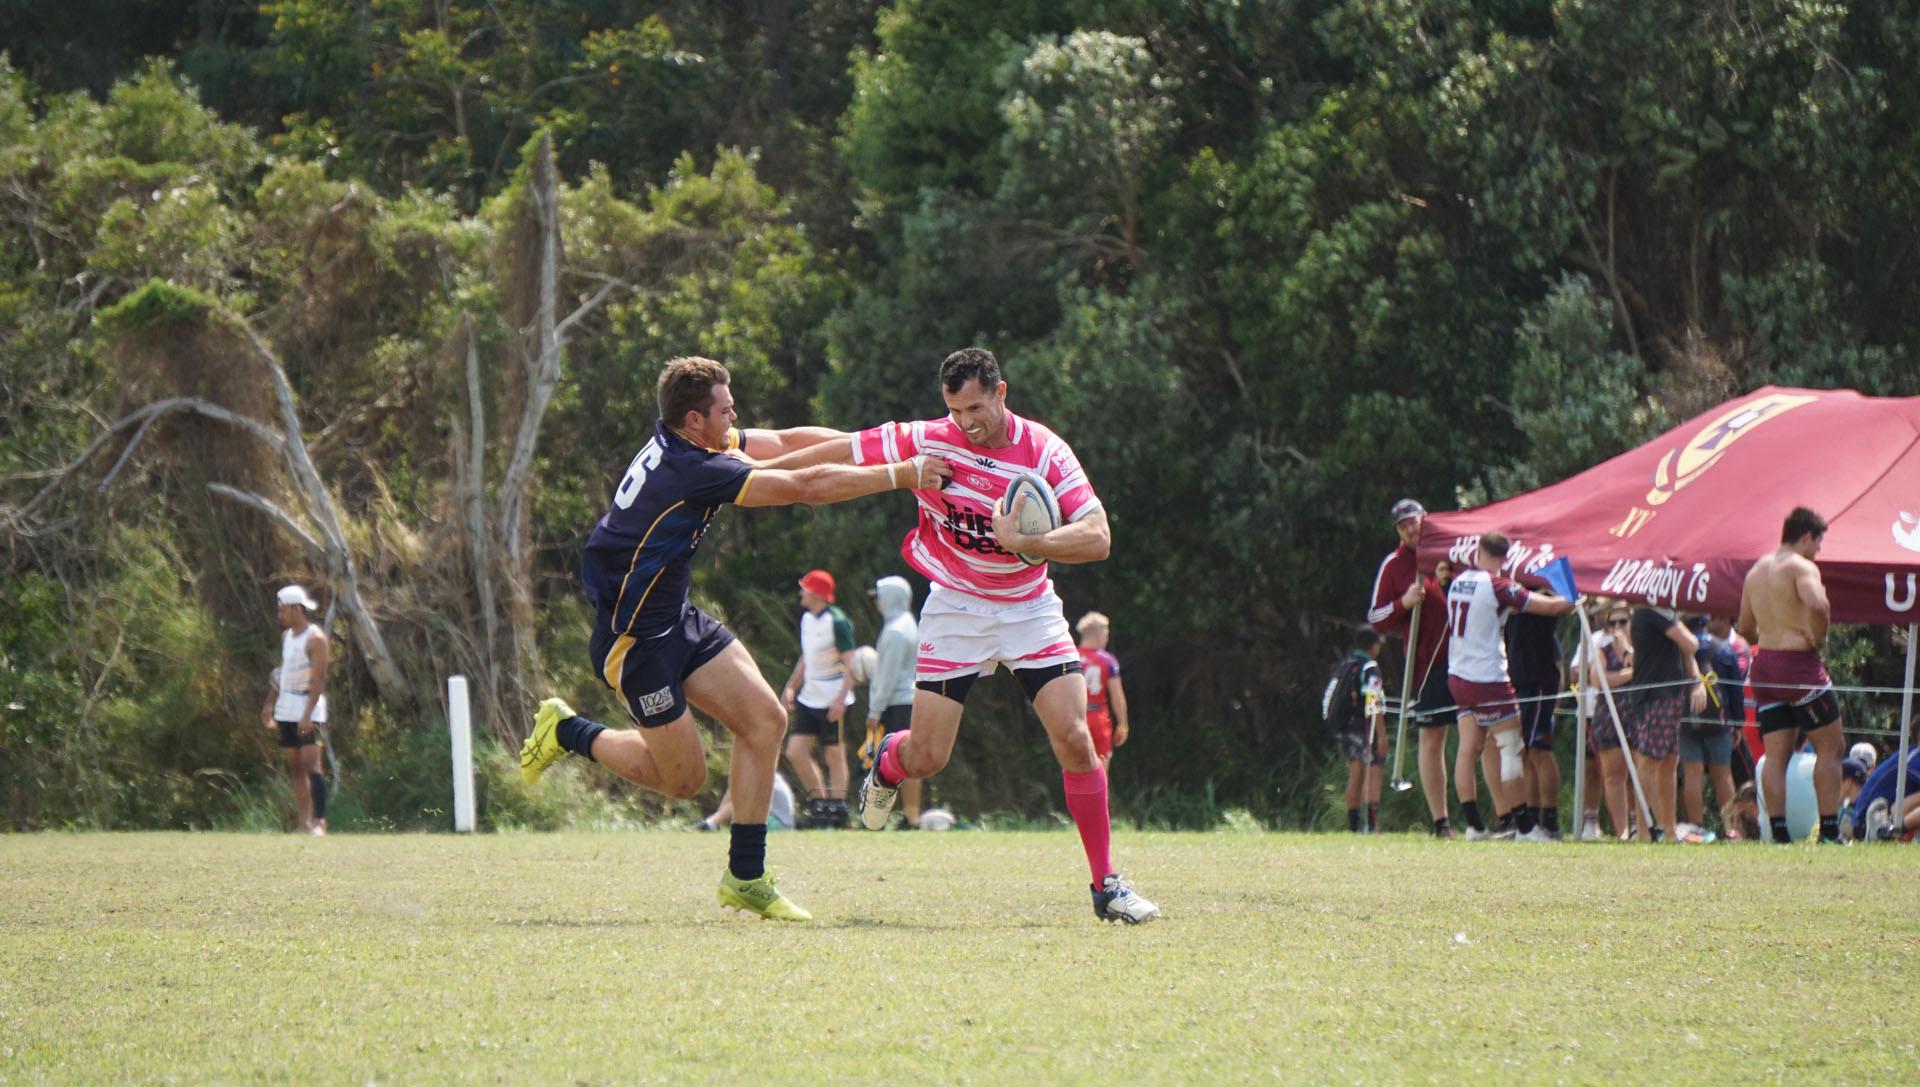 191019-20_Byron Bay Rugby 7s 2019_137